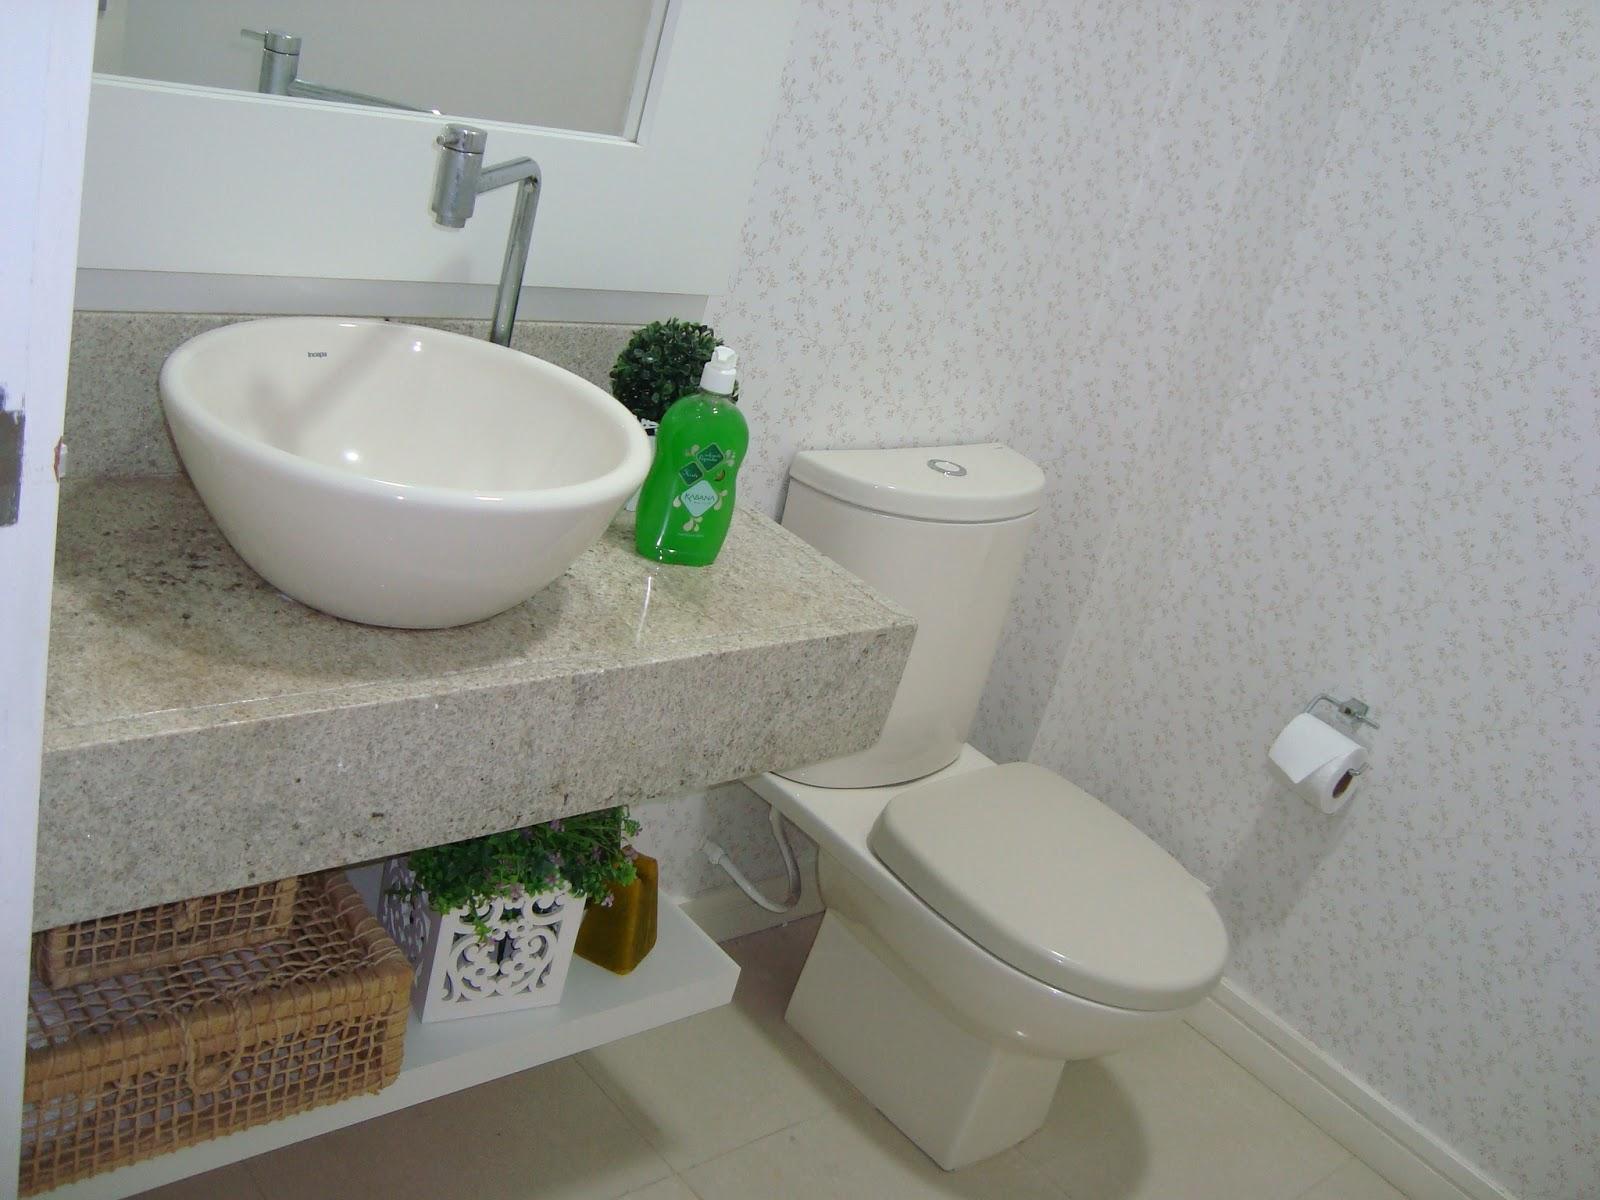 quarta feira 27 de fevereiro de 2013 #247926 1600x1200 Banheiro Branco Itaunas